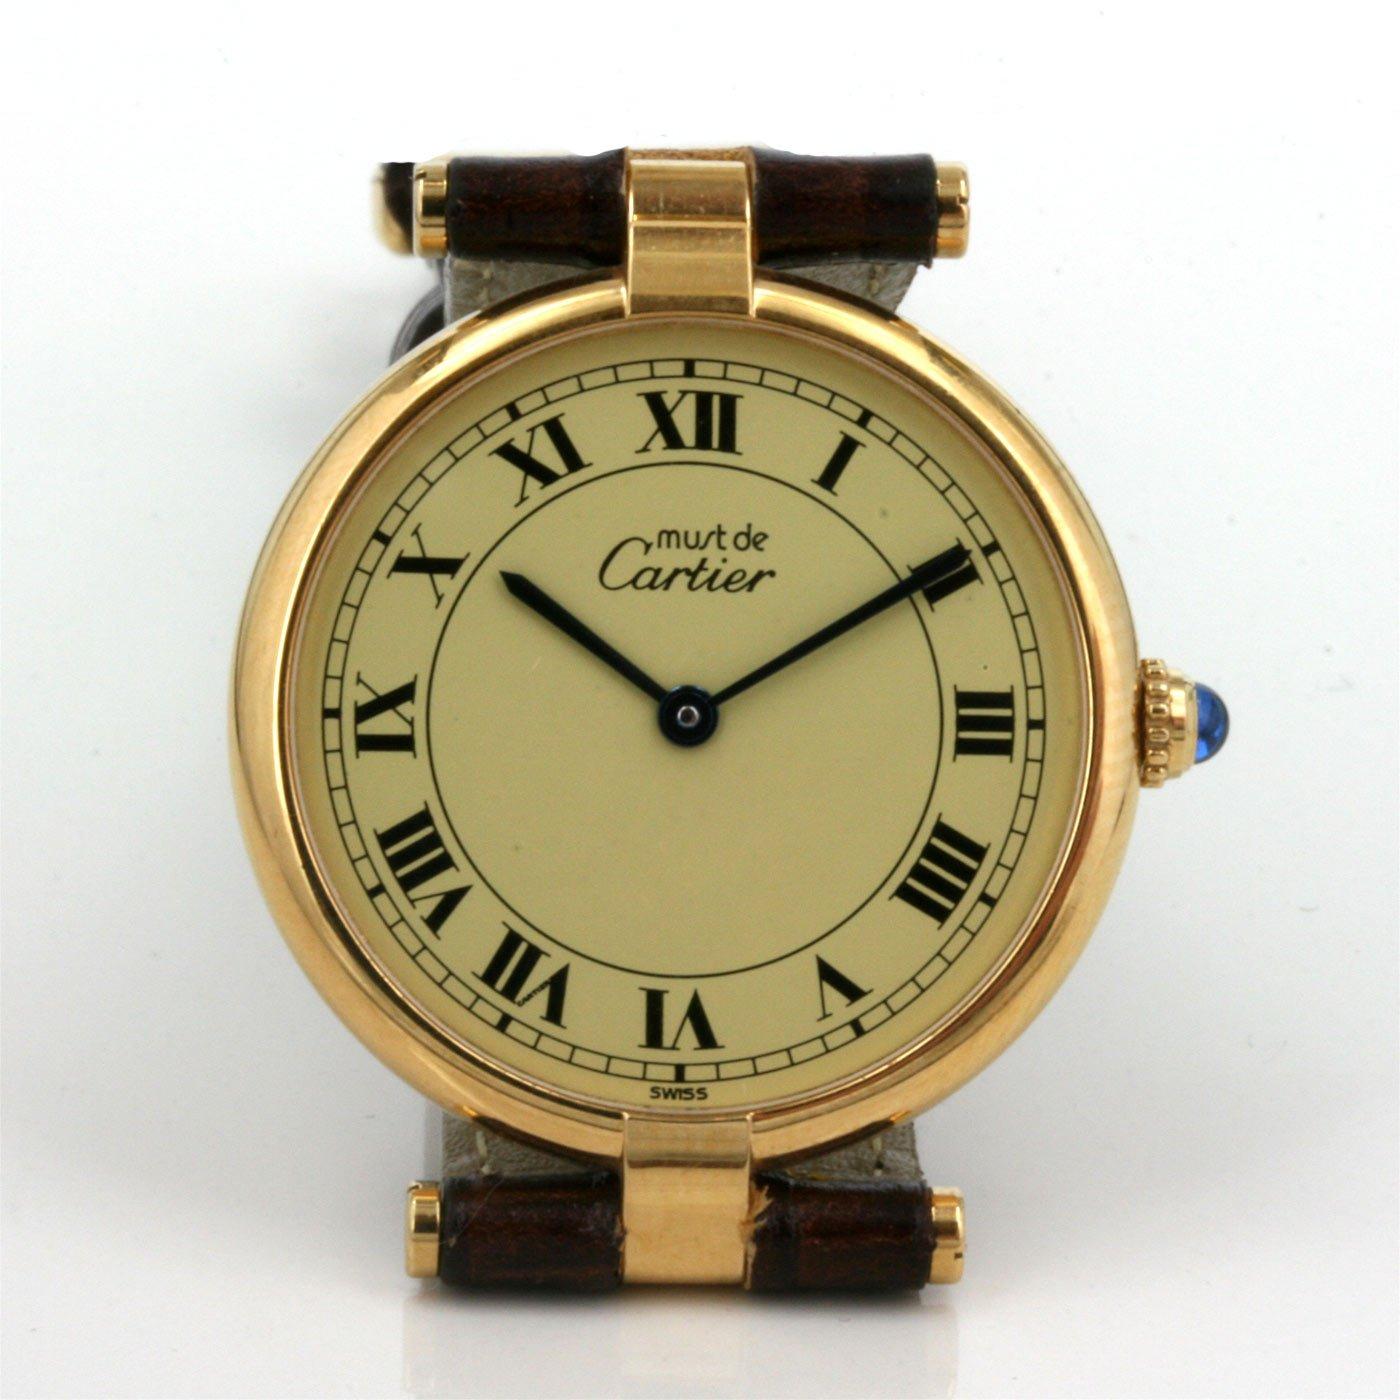 buy ladys must de cartier vermeil watch sold items sold